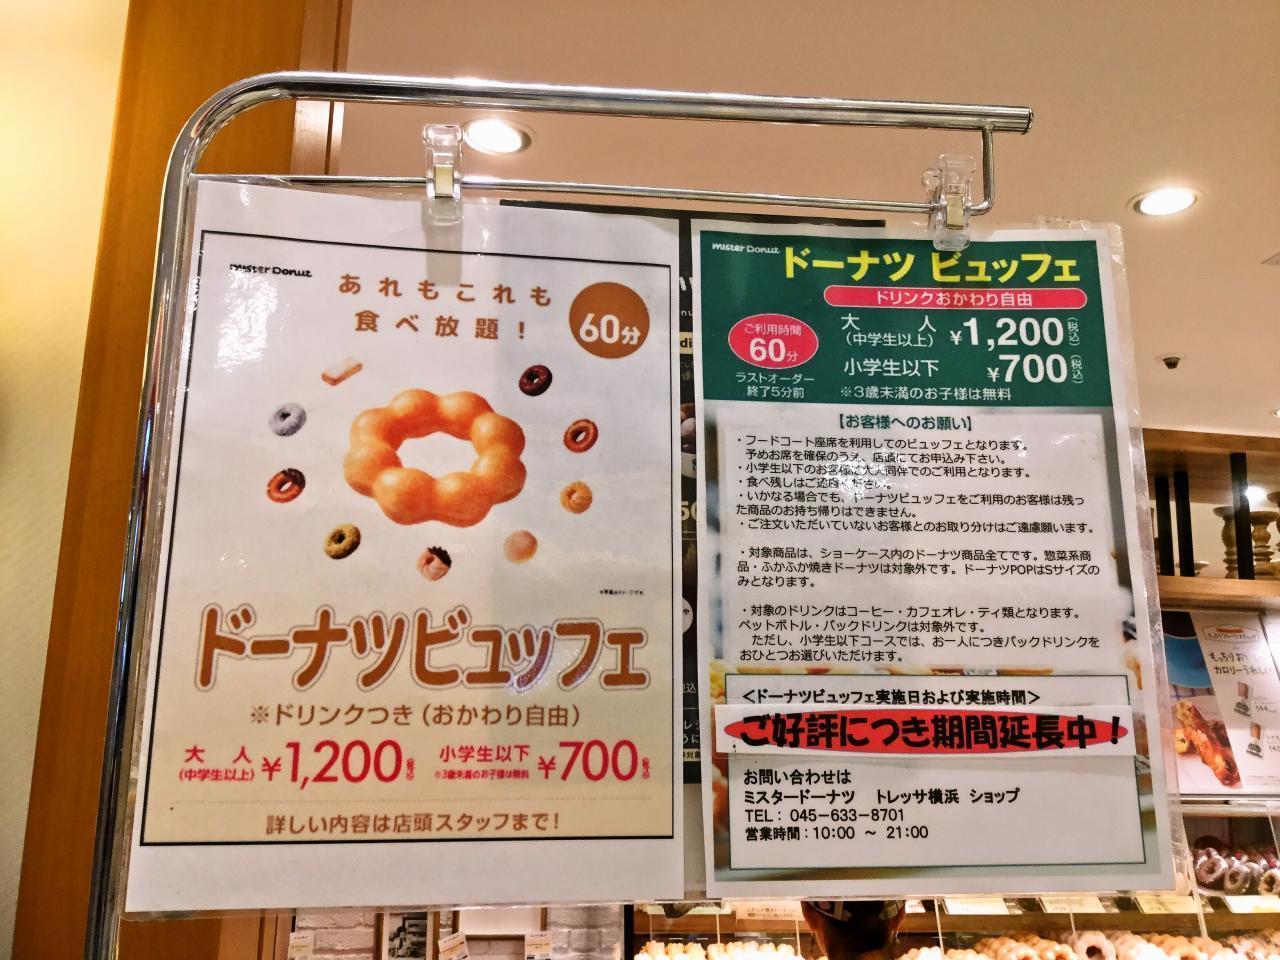 ミスタードーナツ トレッサ横浜ショップ(店舗)